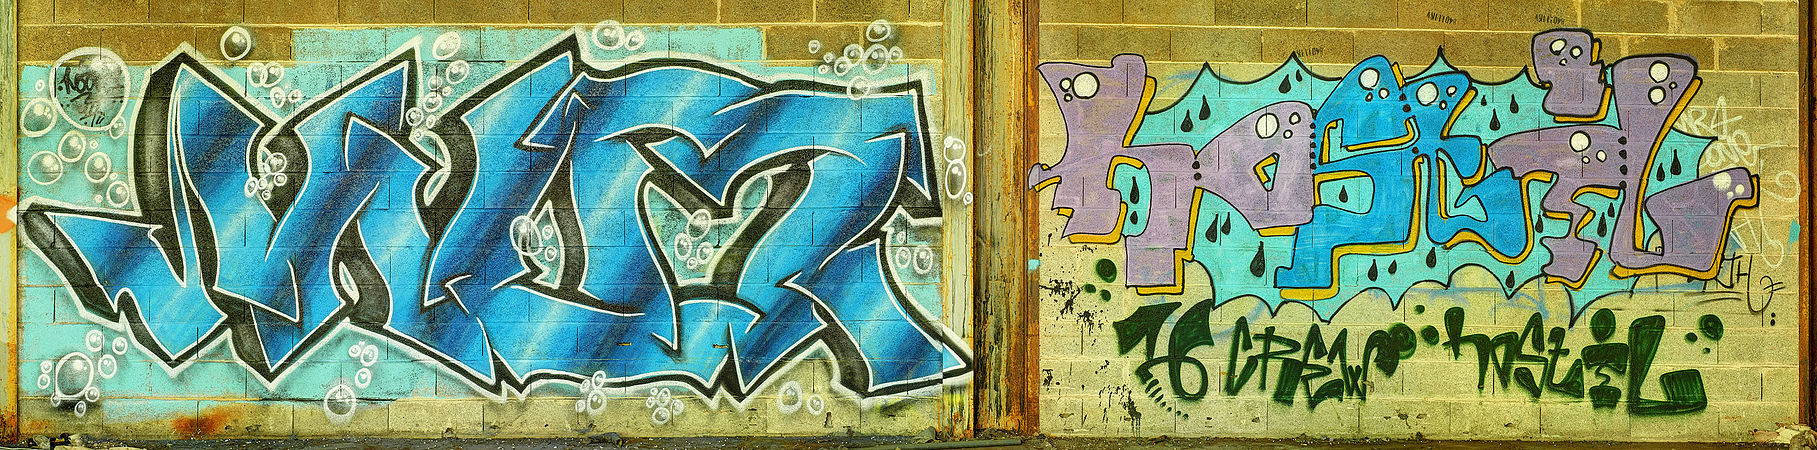 2014-06-15 15-32-32 graffitis-zvereff.jpg